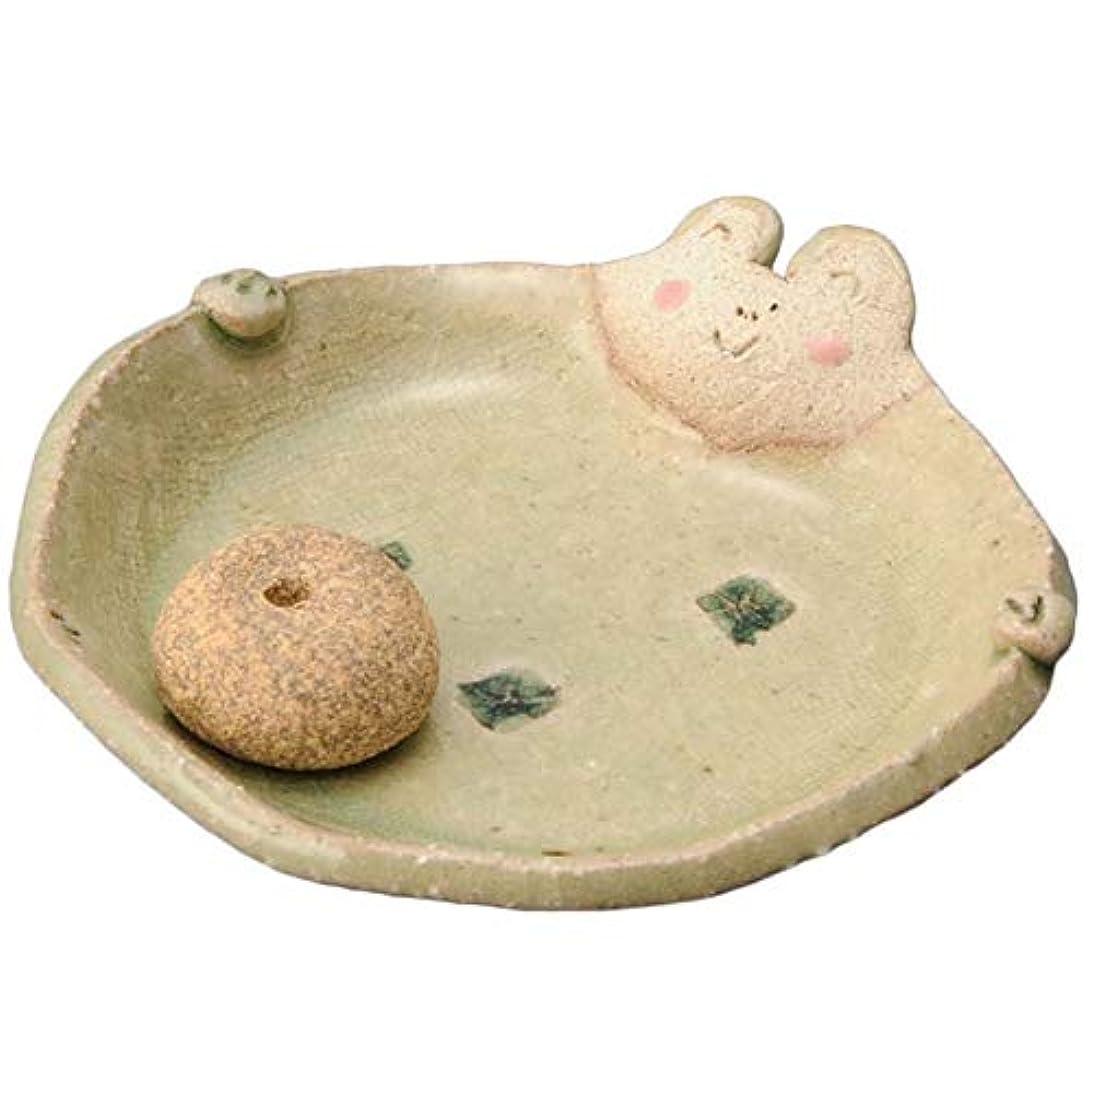 妊娠したスペイン語描写手造り 香皿 香立て/ふっくら 香皿(カエル) /香り アロマ 癒やし リラックス インテリア プレゼント 贈り物